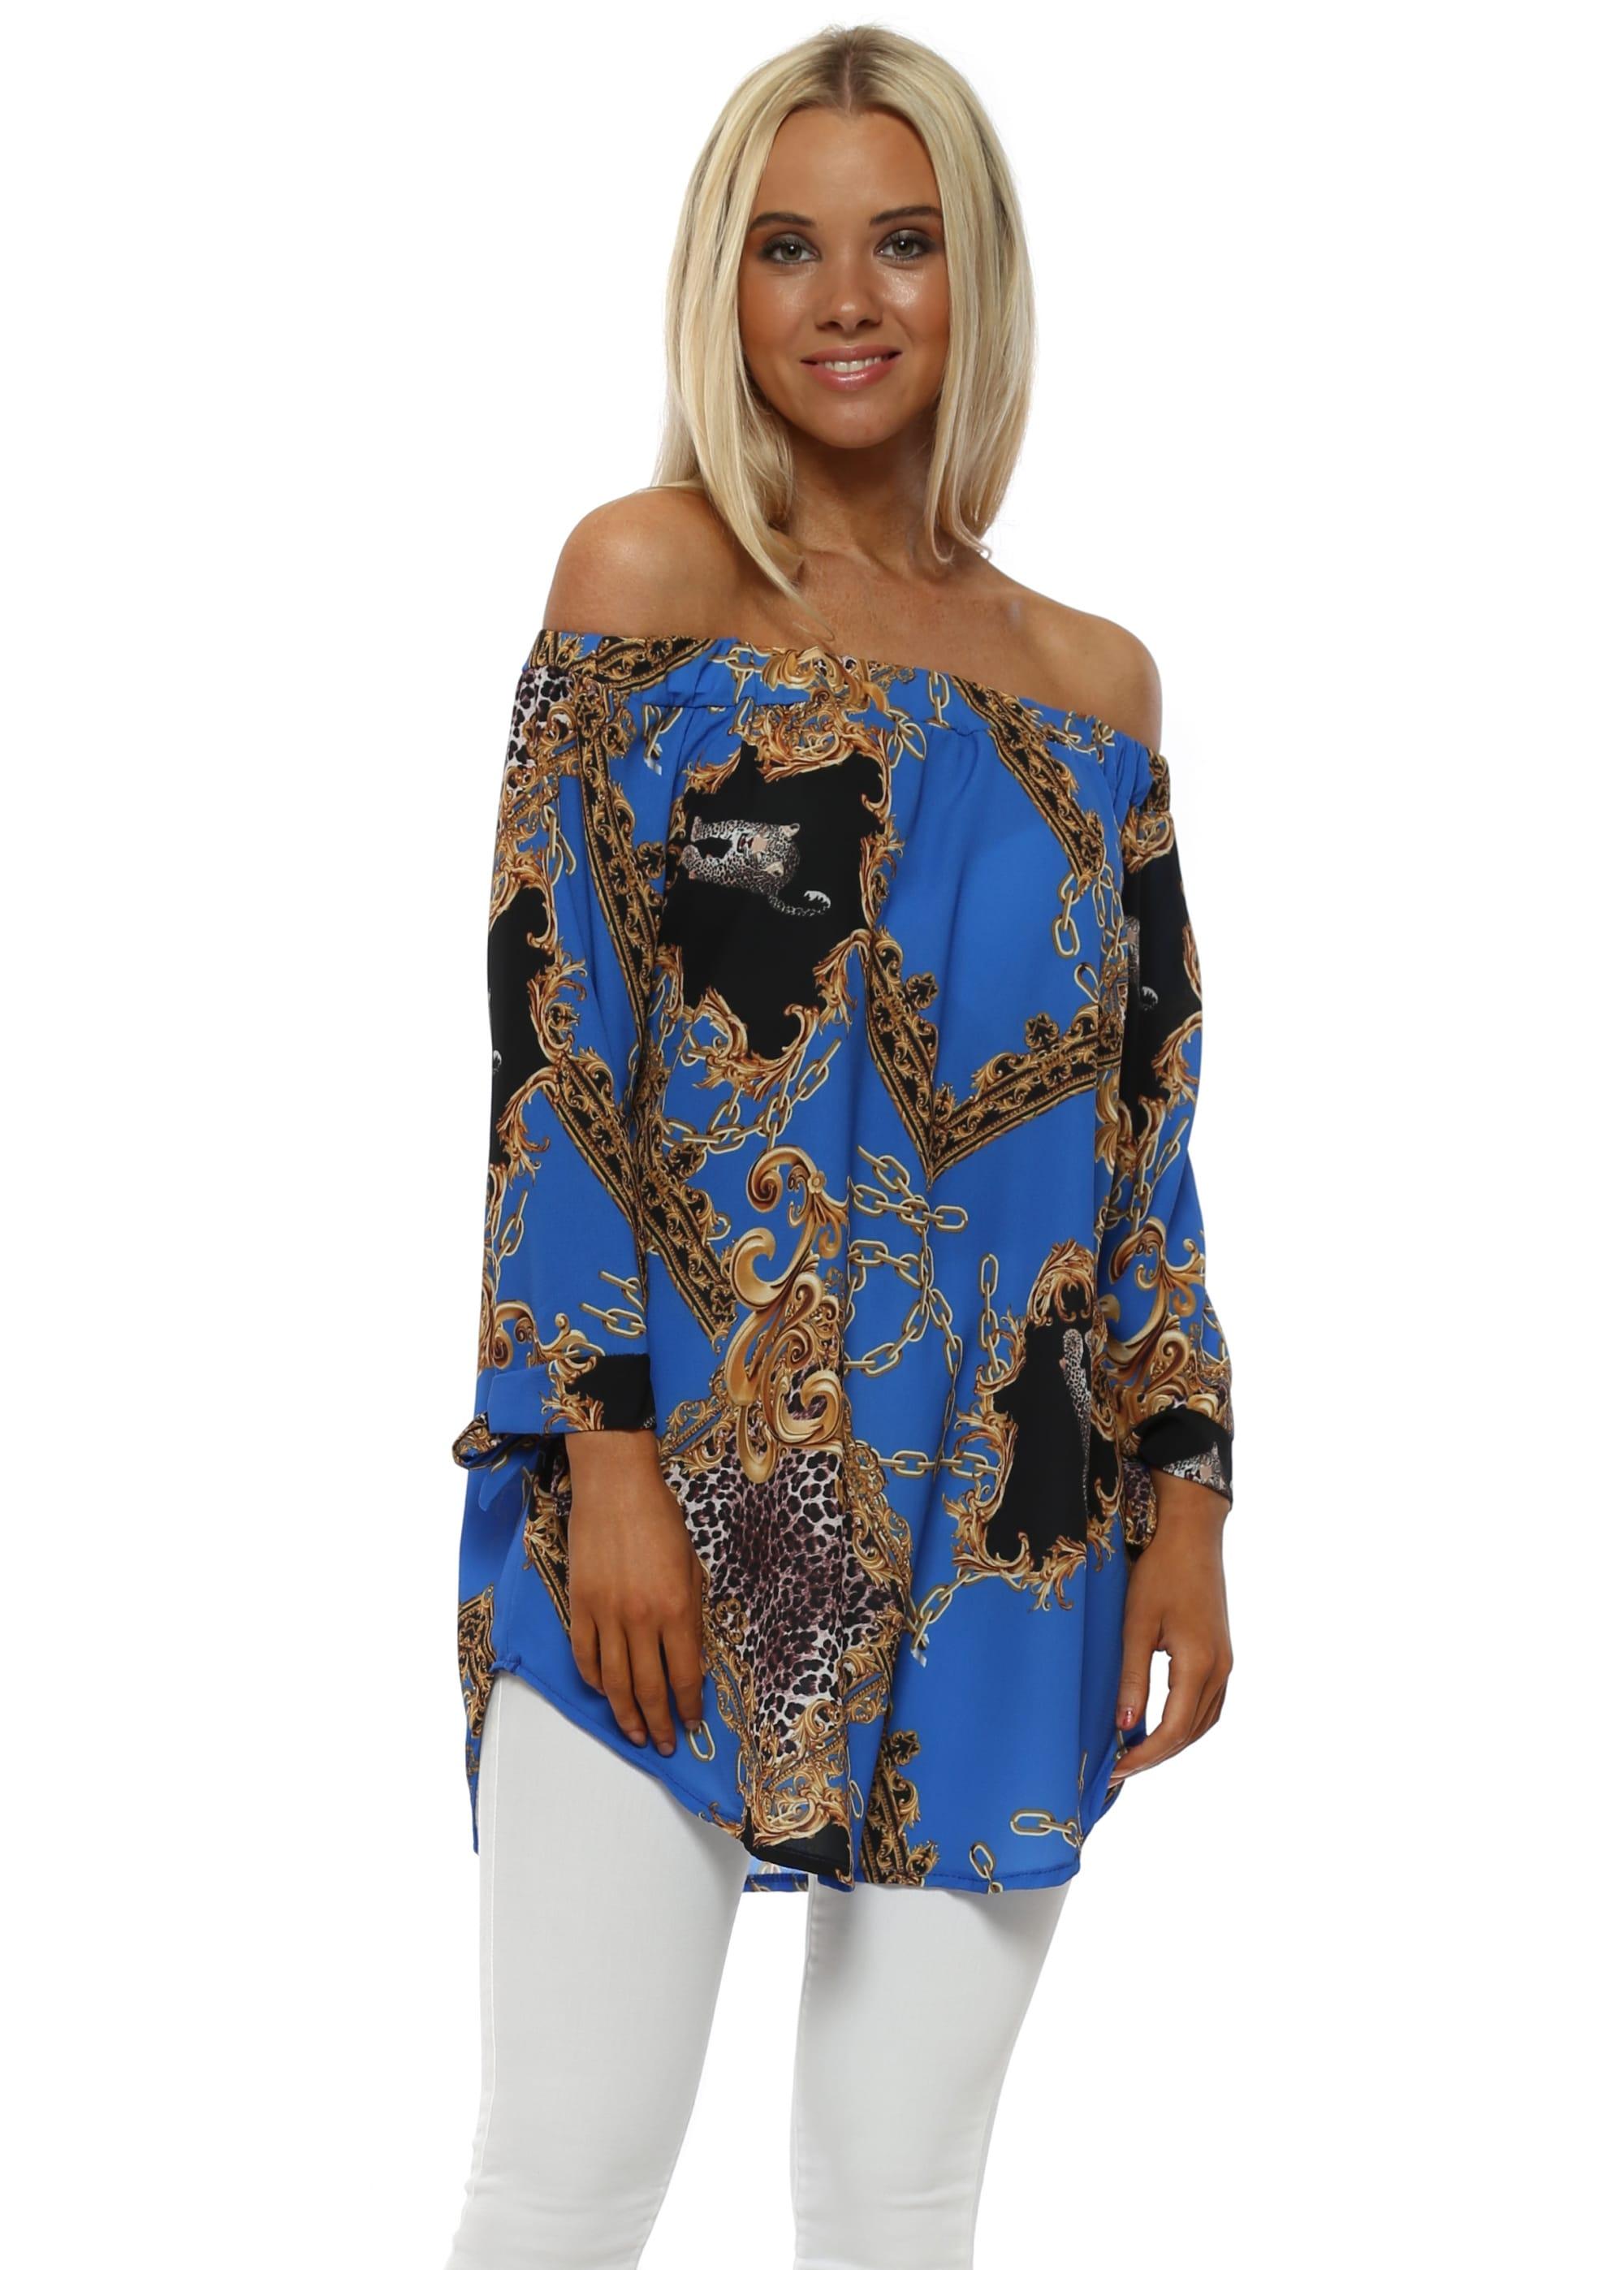 11d4fdb5bed Gold Chain & Leopard Print Cobalt Blue Bardot Top